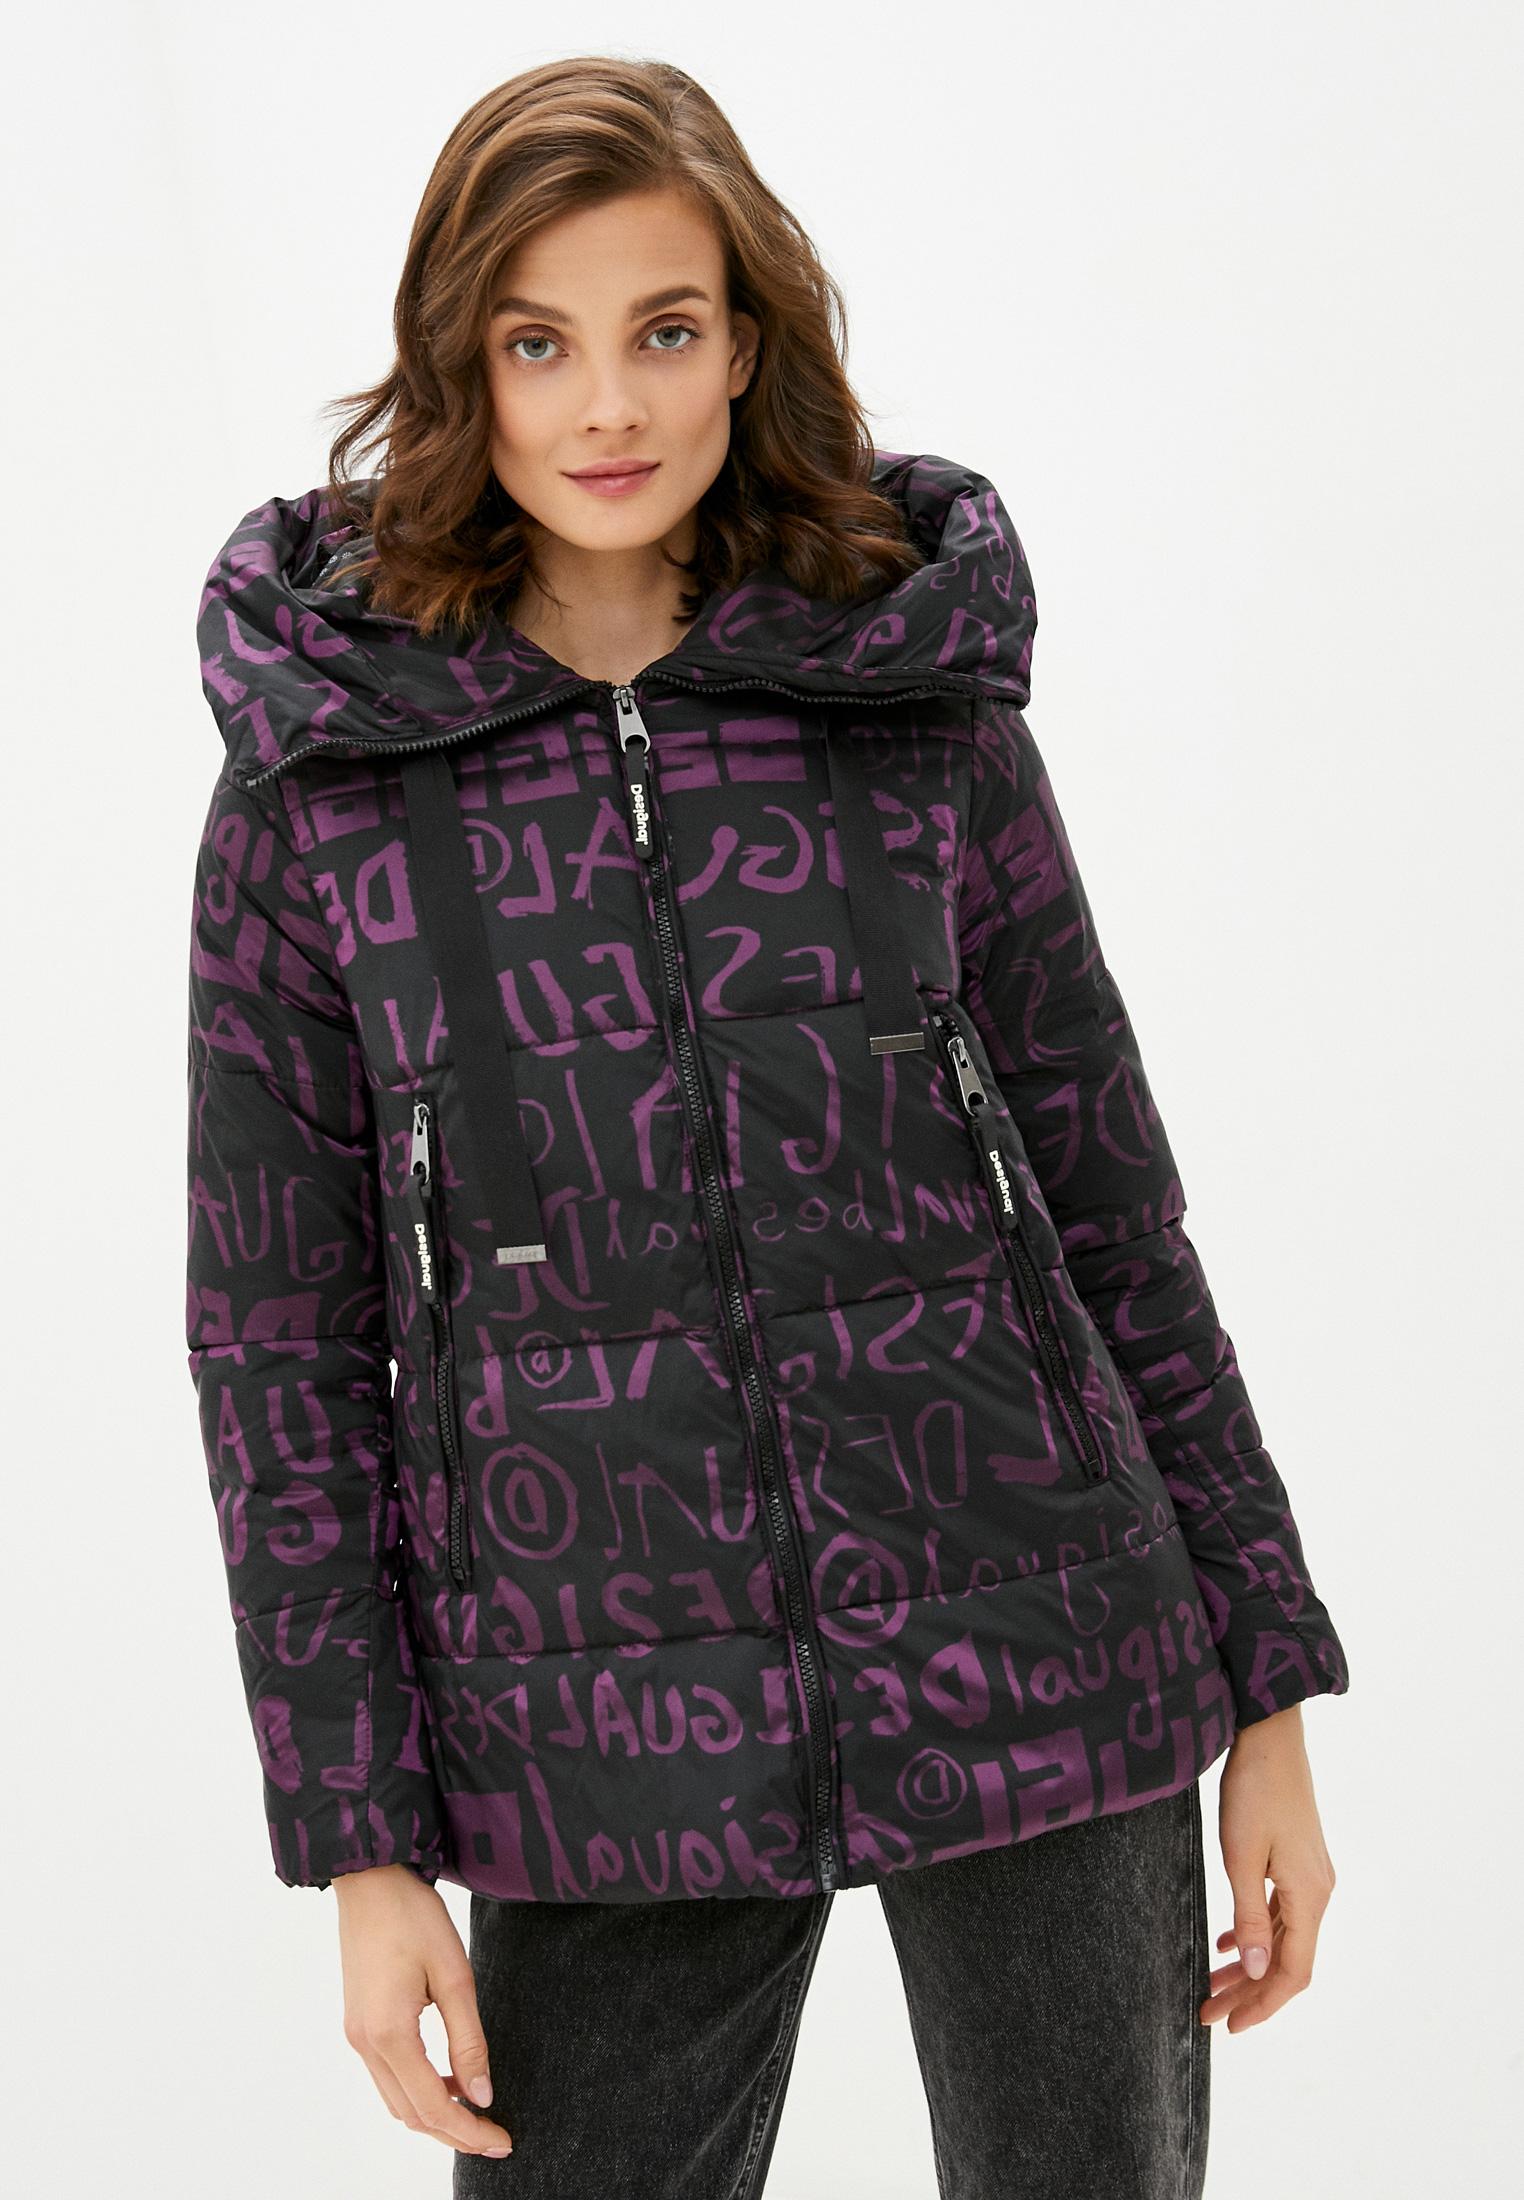 Утепленная куртка Desigual (Дезигуаль) Куртка утепленная Desigual